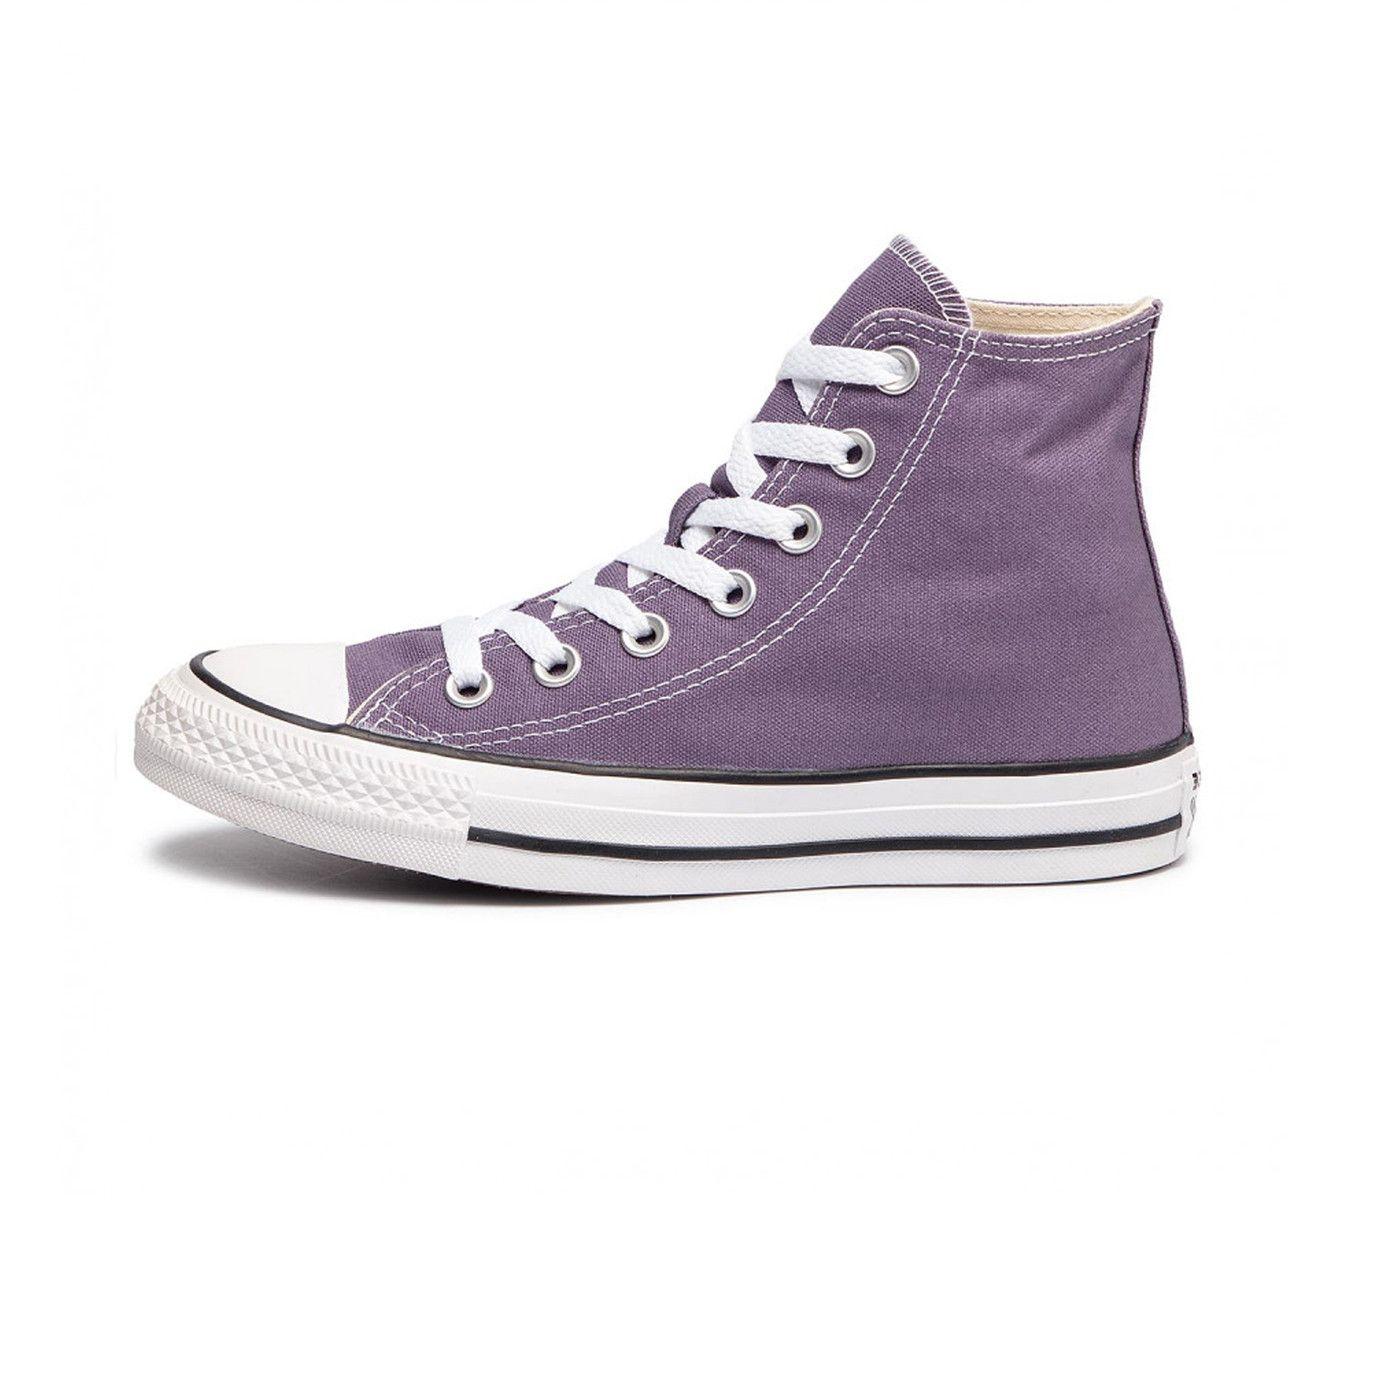 Baskets Converse violet mauve fille 163352C CHUCK TAYLOR